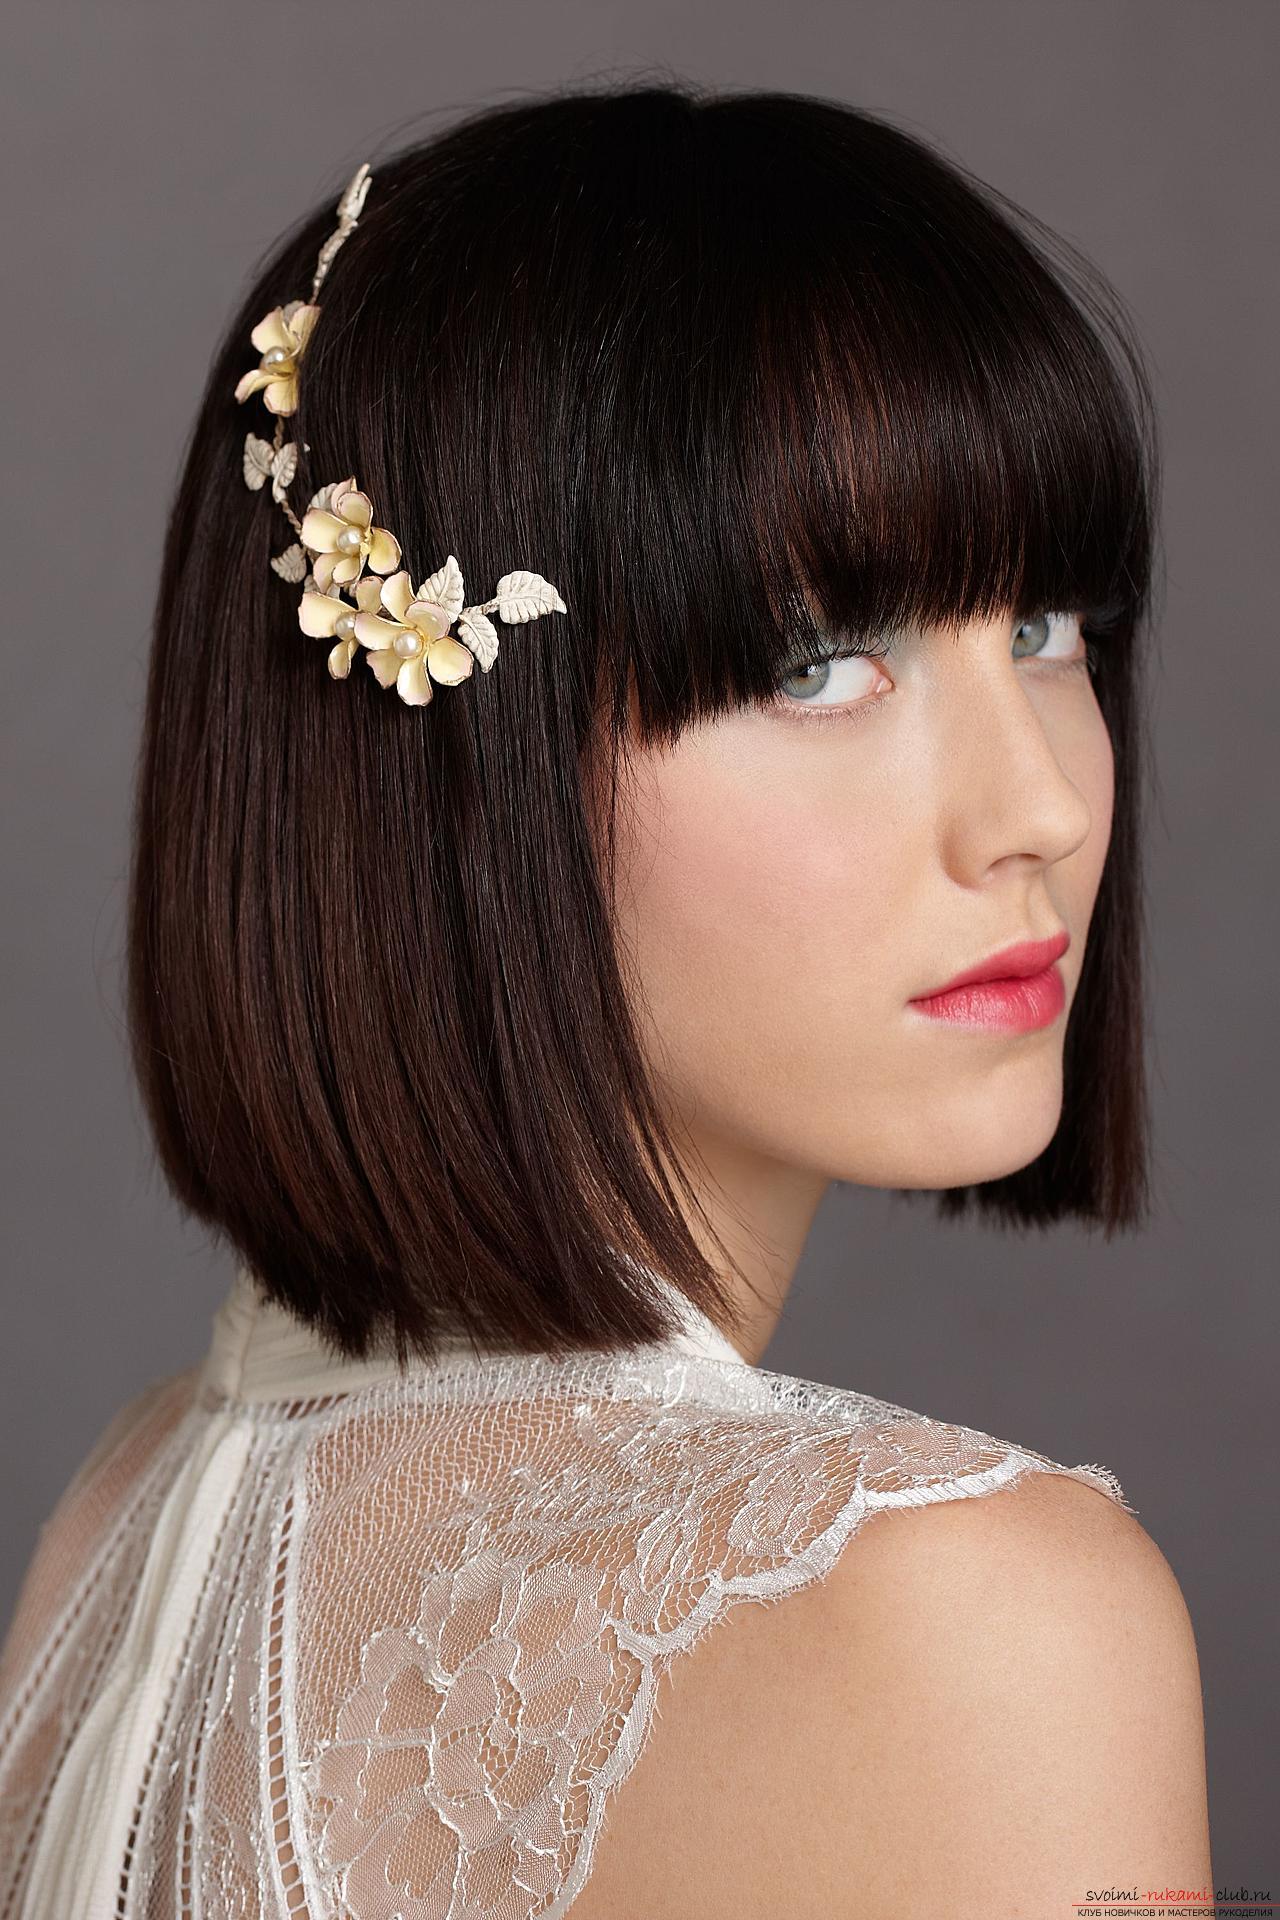 свадебная прическа с короткими волосами с цветком в волосах.